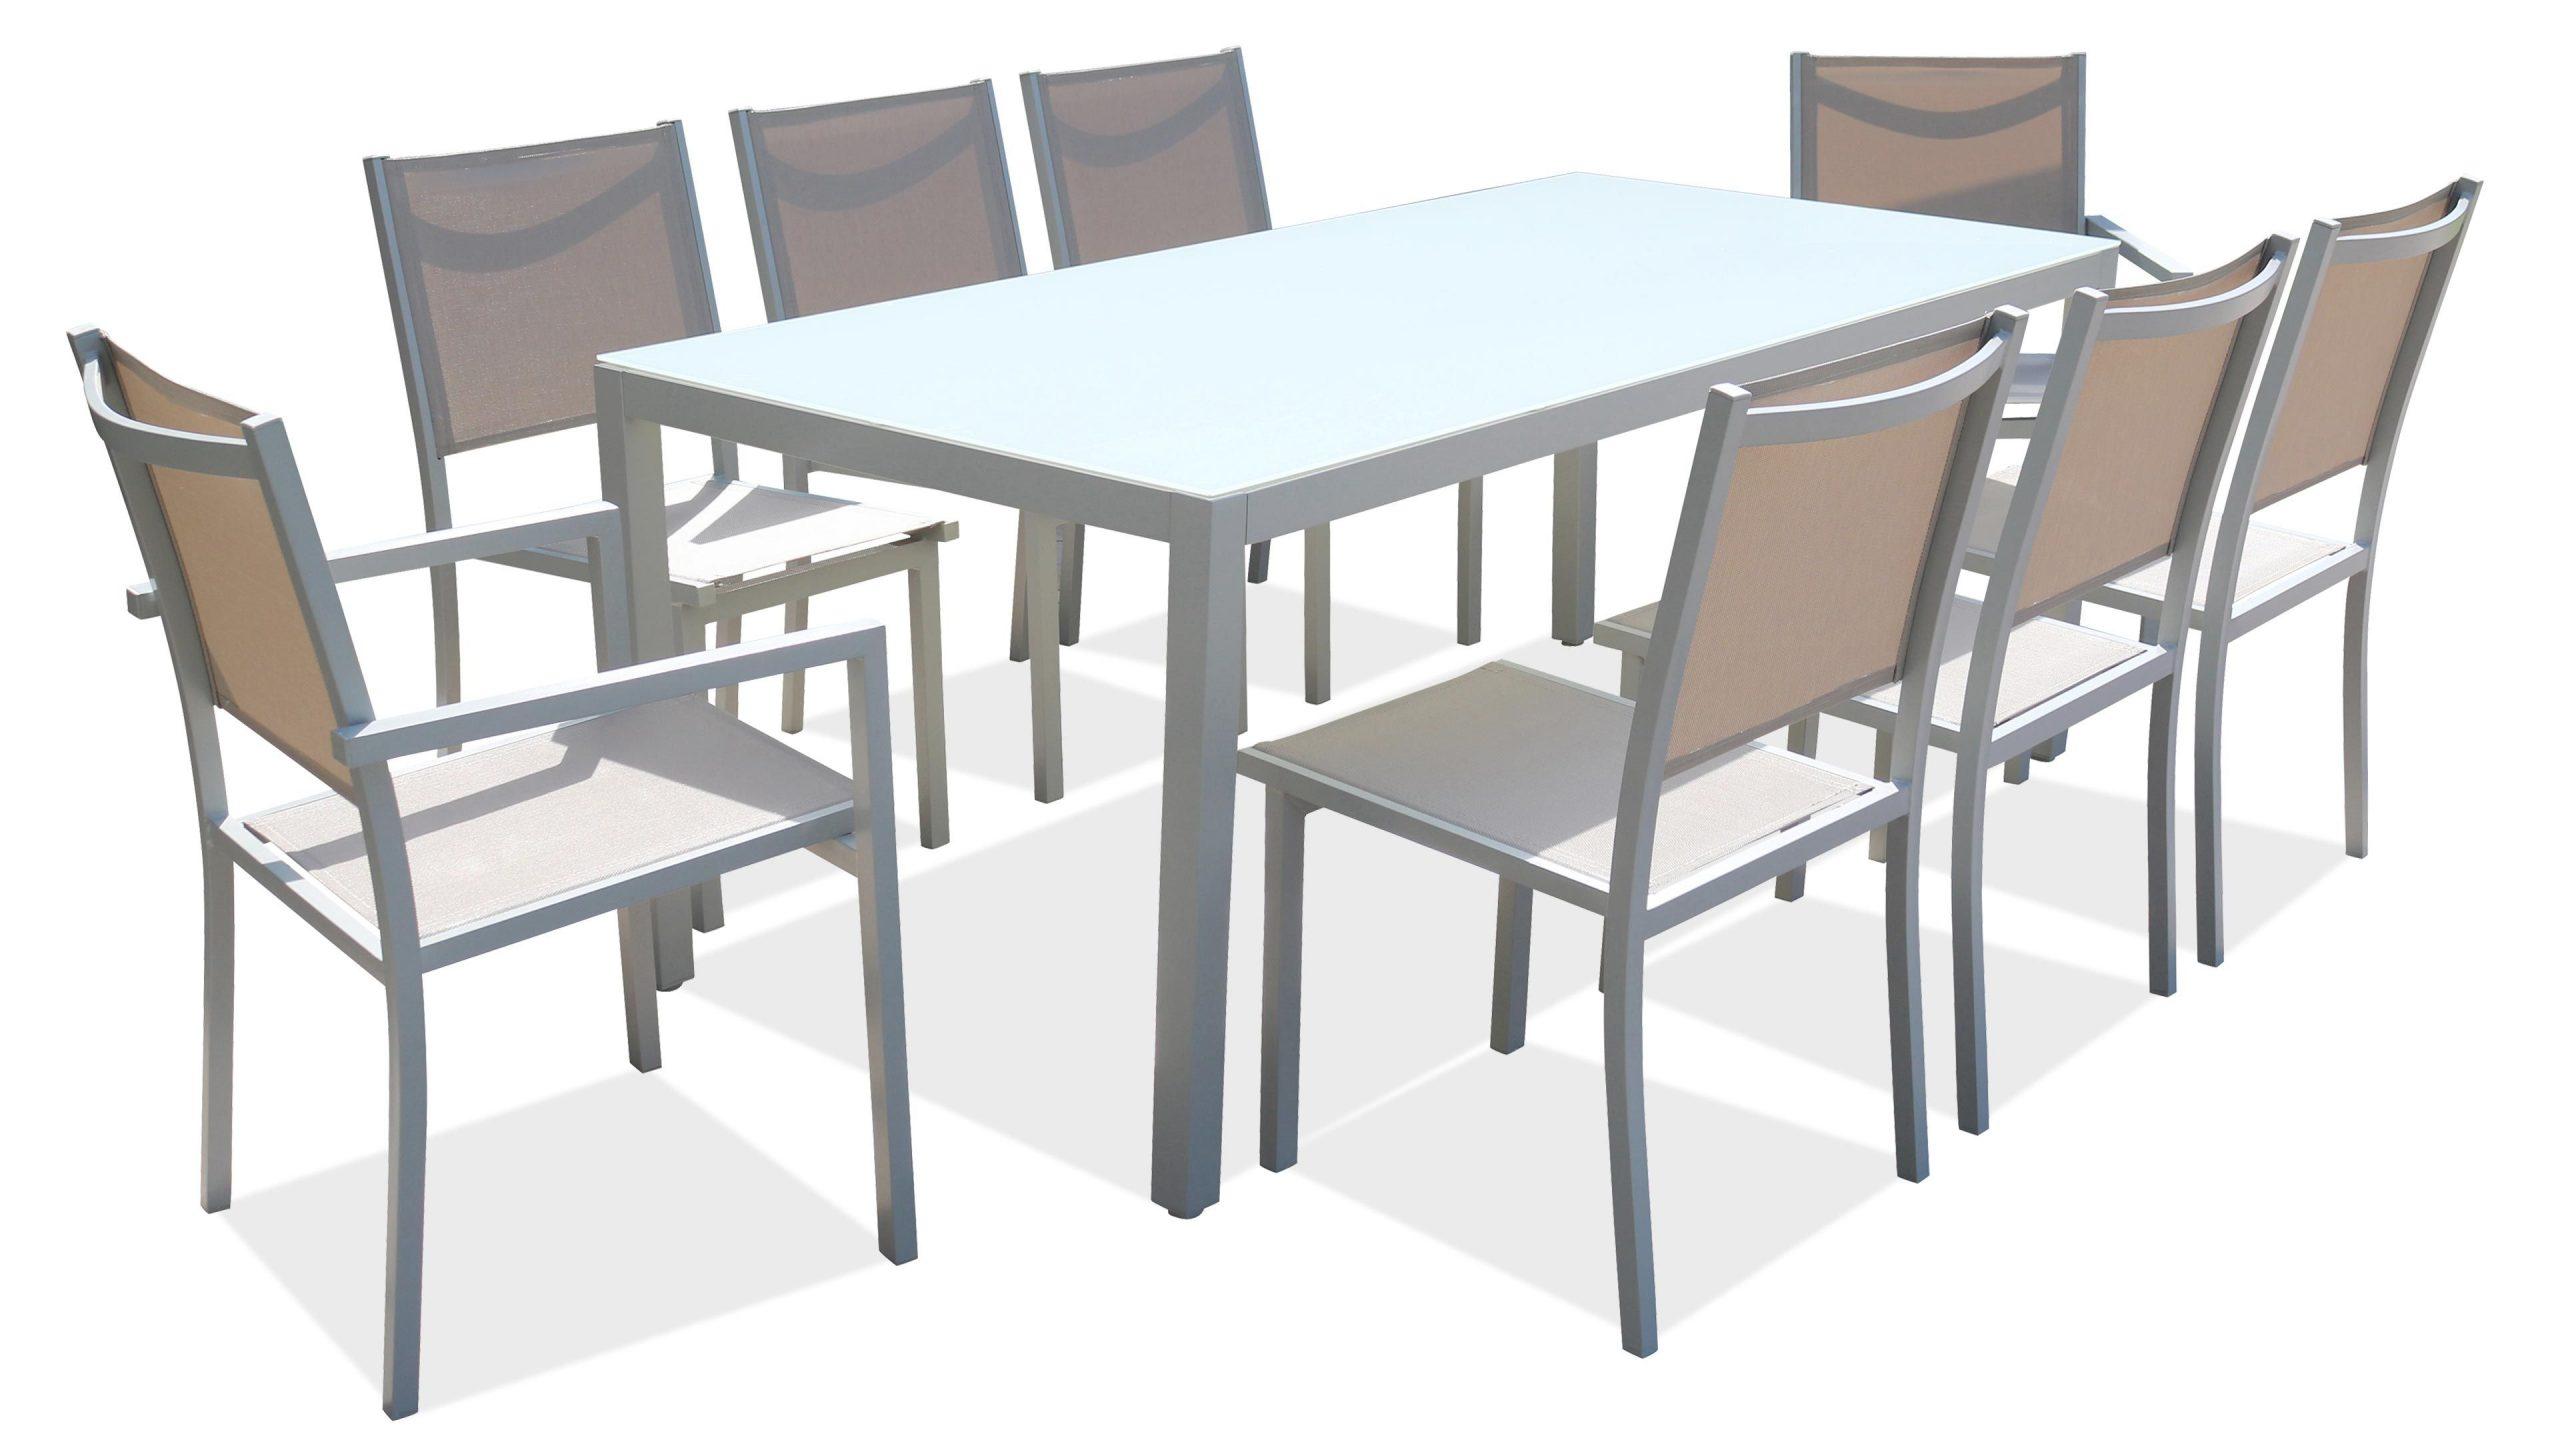 Salon De Jardin Aluminium Table De Jardin 8 Places encequiconcerne Table De Jardin Avec Chaise Pas Cher